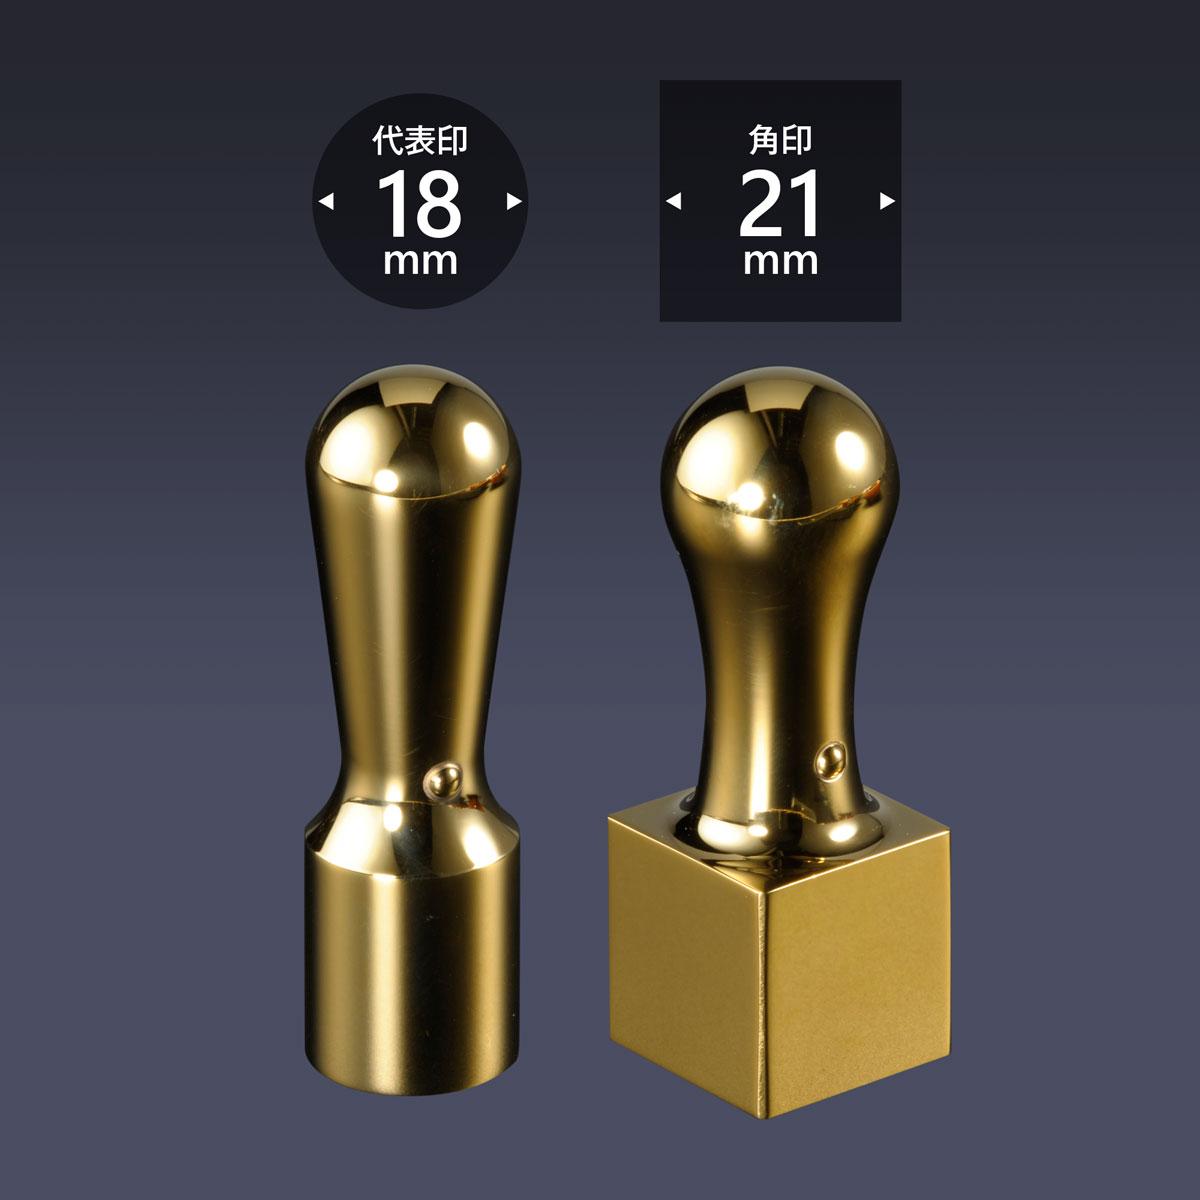 会社印 ミラーチタン(ゴールド)2本Cセット/送料無料 法人 会社設立 実印 銀行印 角印 女性 法人印鑑 社印